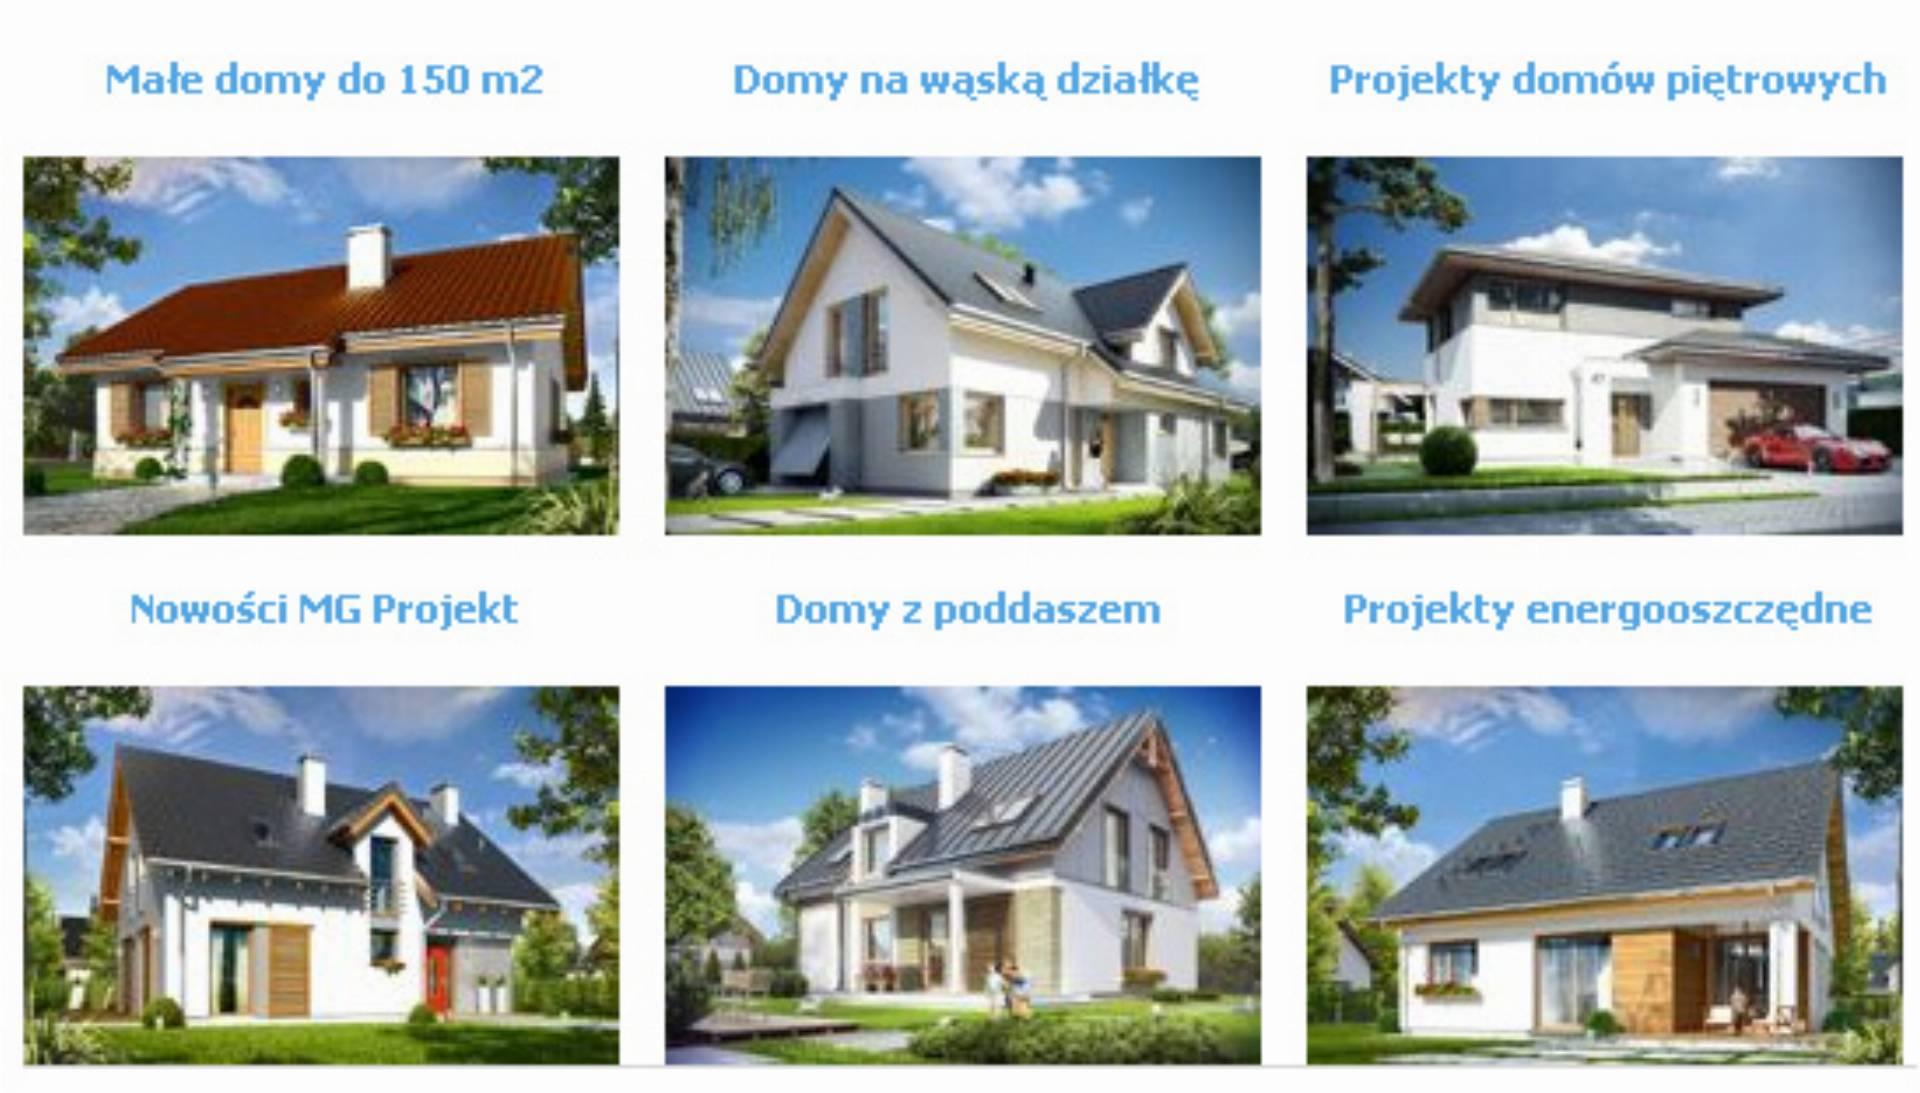 projekty-domow-jednorodzinnych